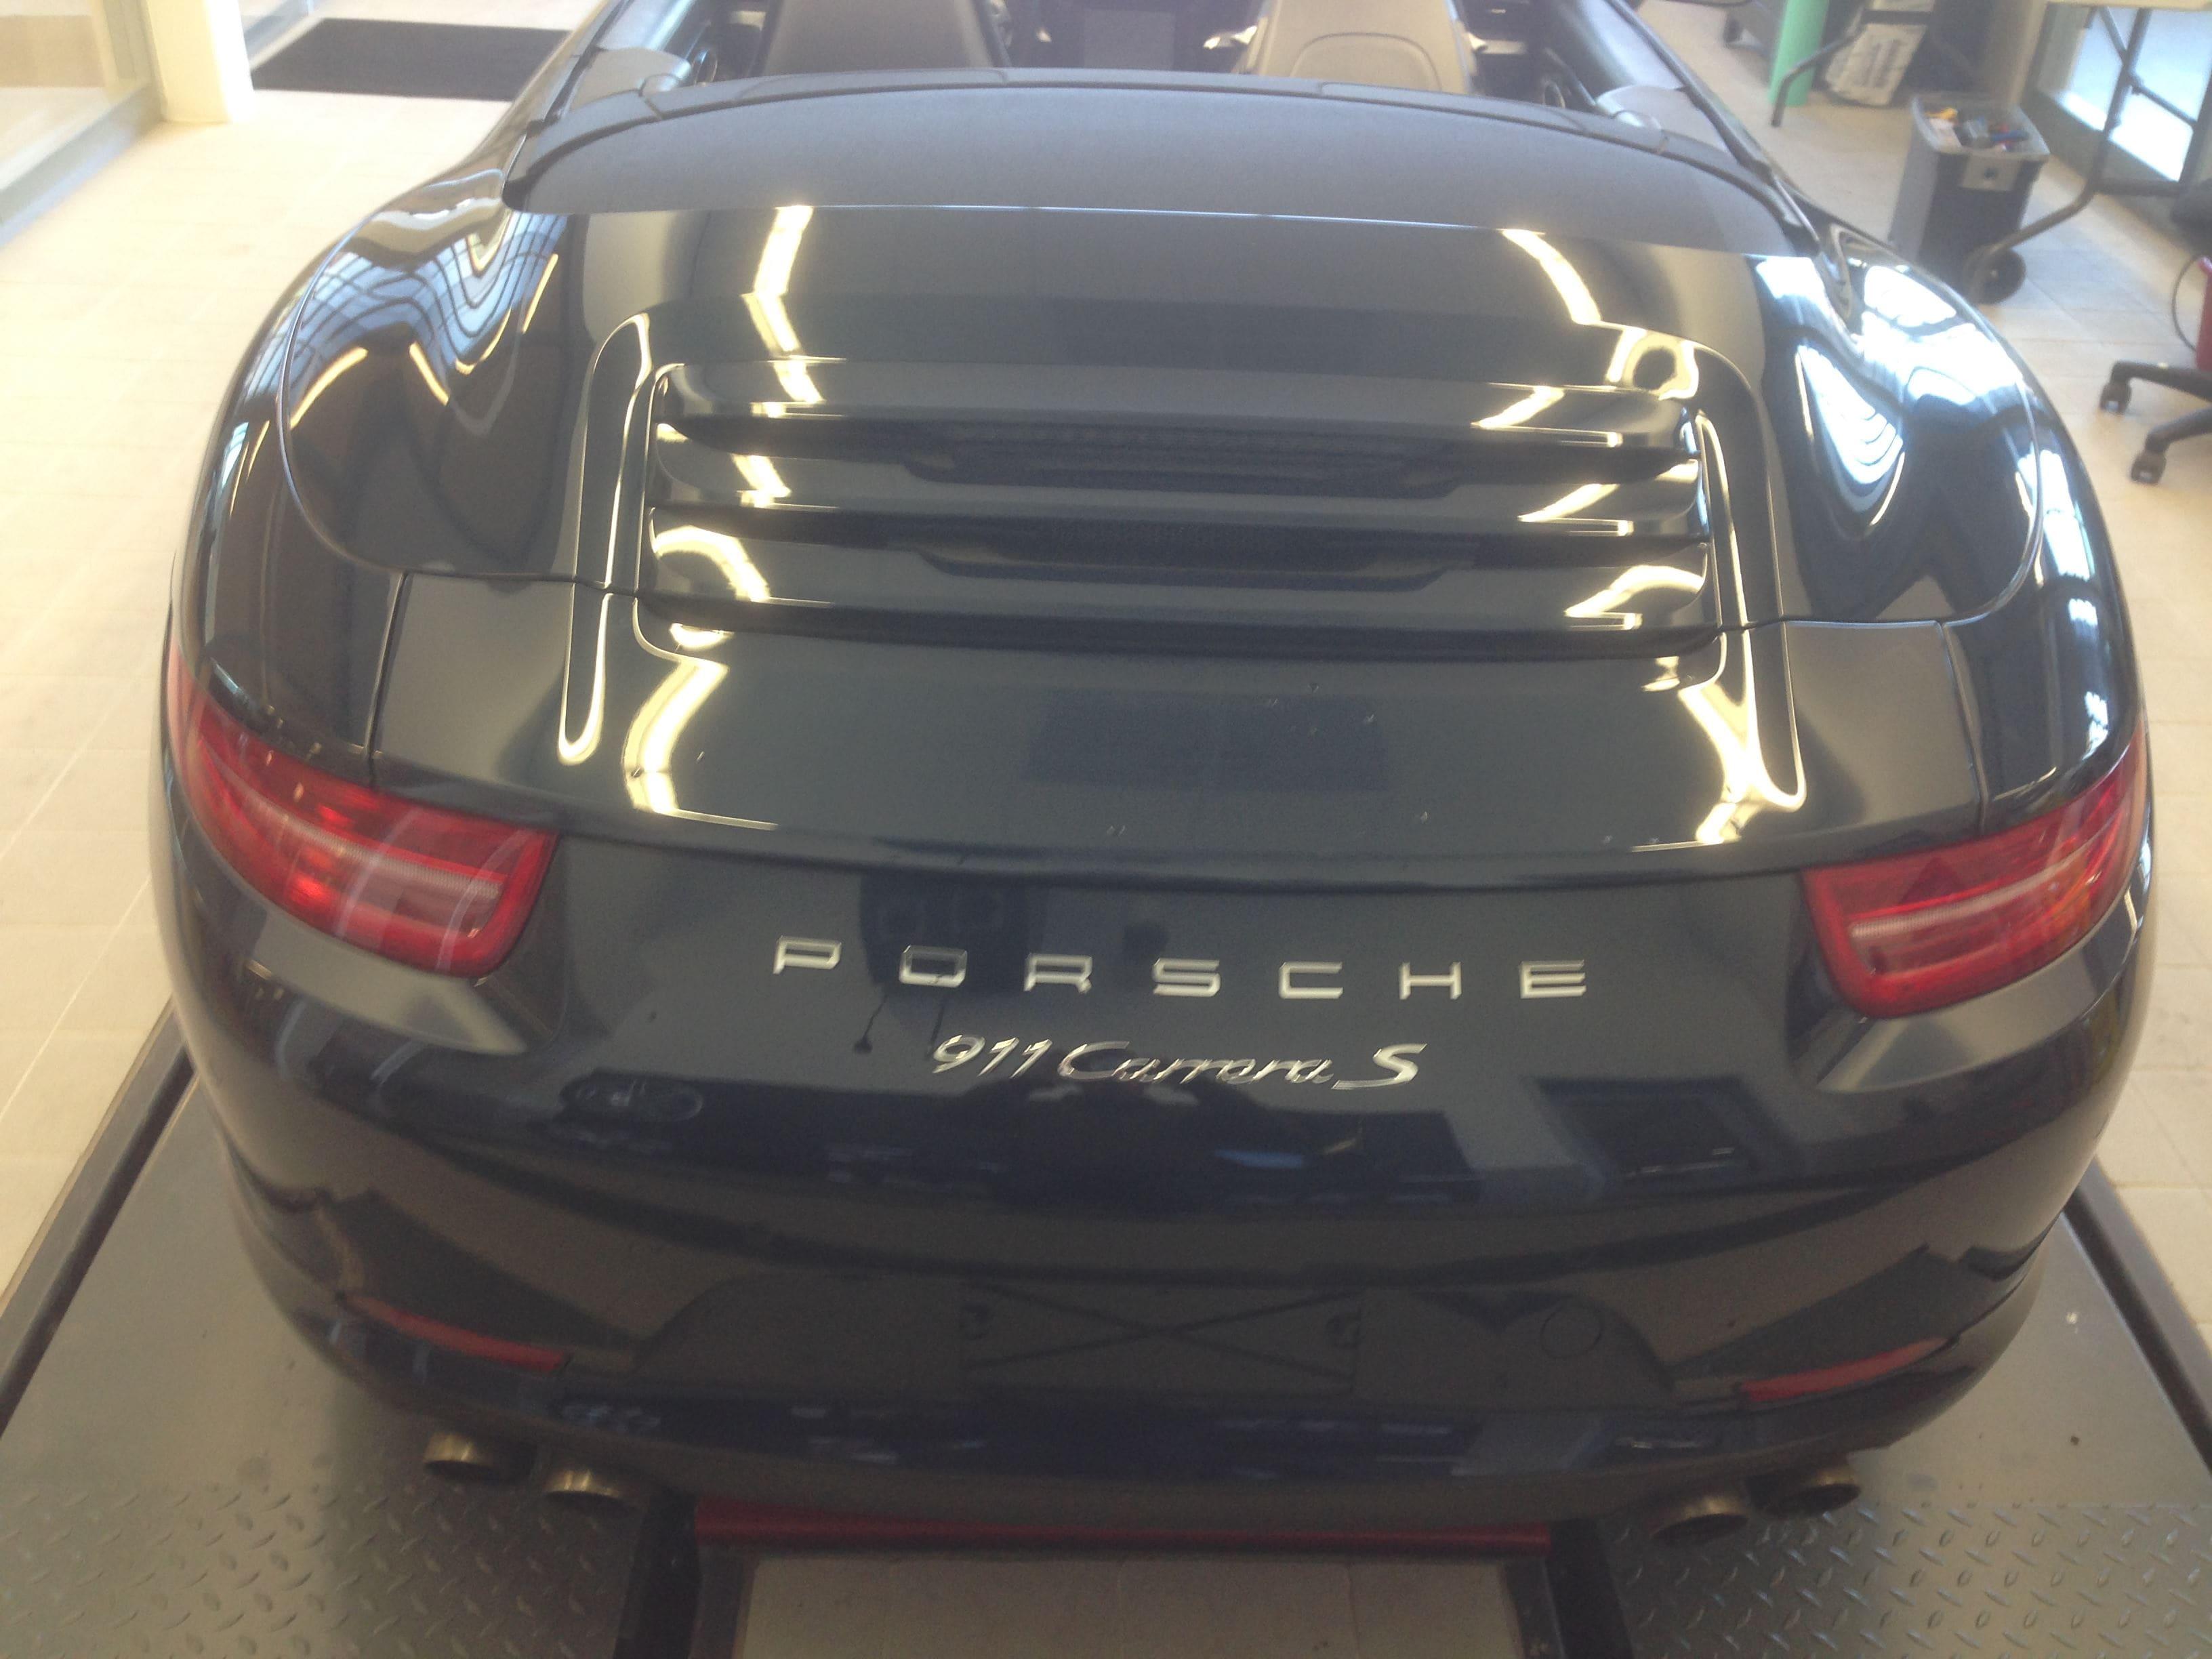 Porsche Carrera Turbo S Cabrio met Mint Green Wrap, Carwrapping door Wrapmyride.nu Foto-nr:6729, ©2020